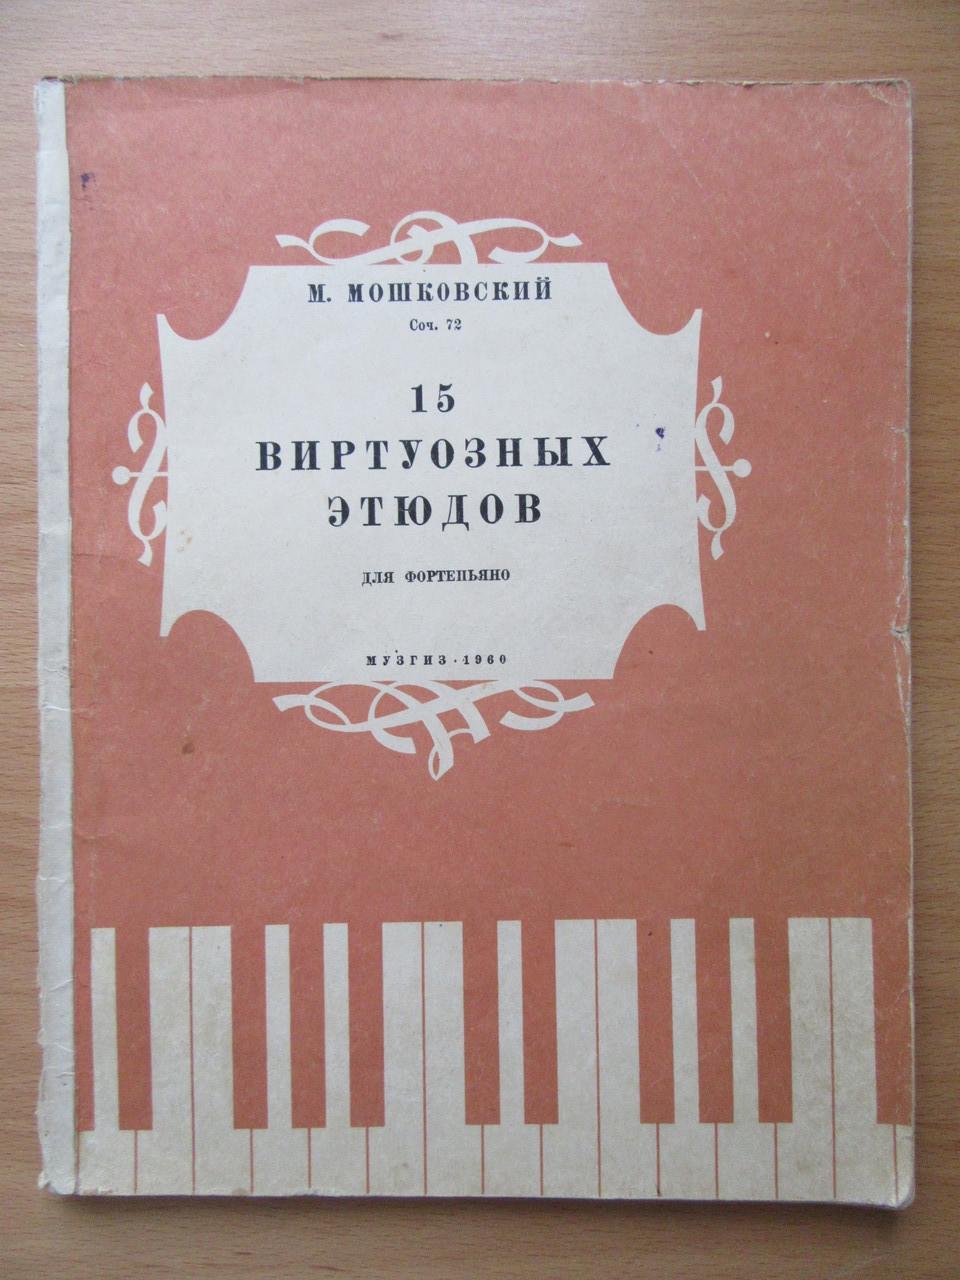 М.Мошковский. 15 виртуозных этюдов для фортепиано. Музгиз 1960